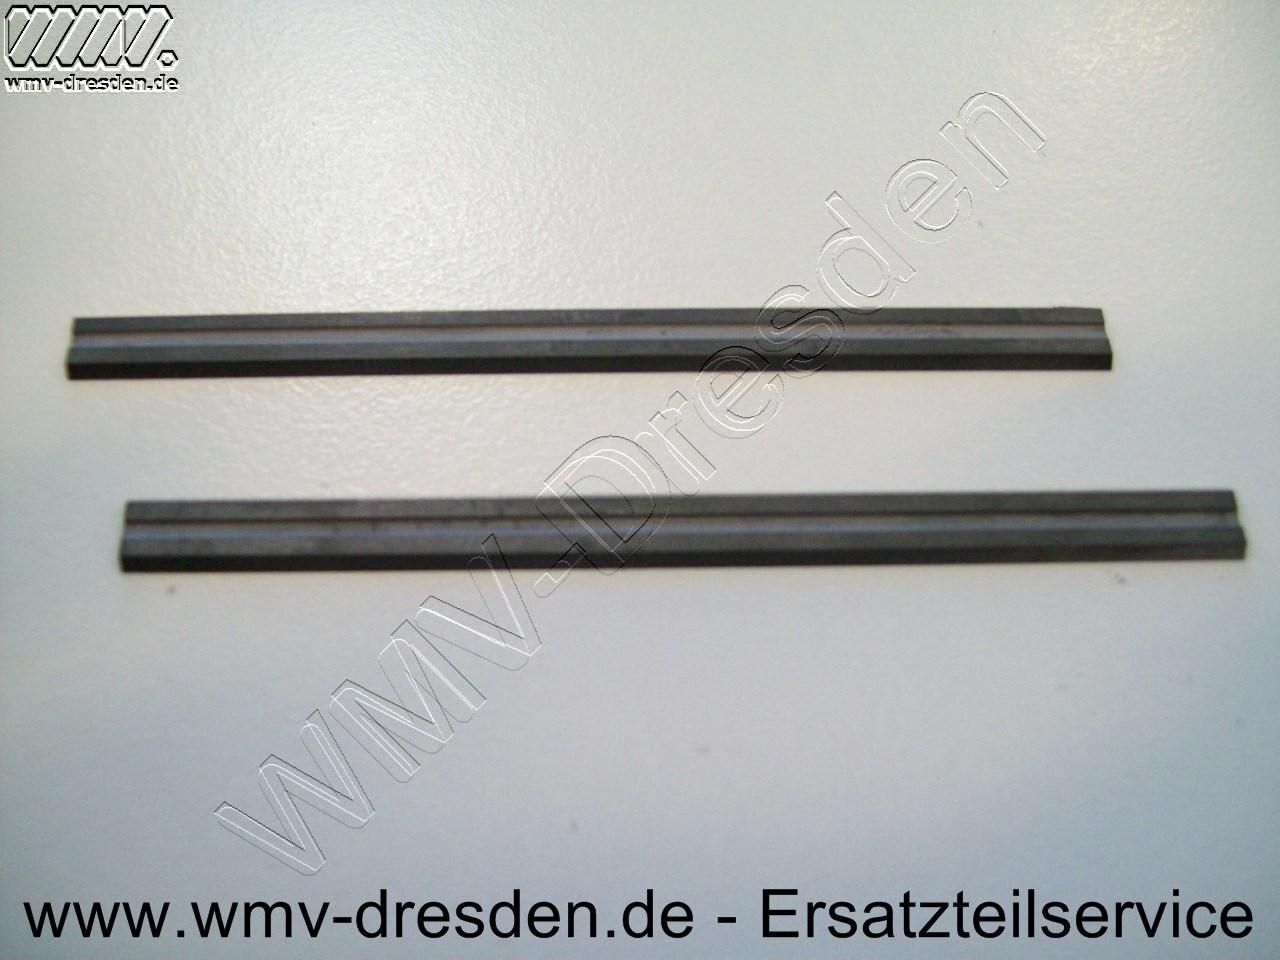 Hartmetall-Wendehobelmessersatz (2 Einzelmesser), 75,5 mm lang, 1,1 mm dick, 5,5 mm hoch